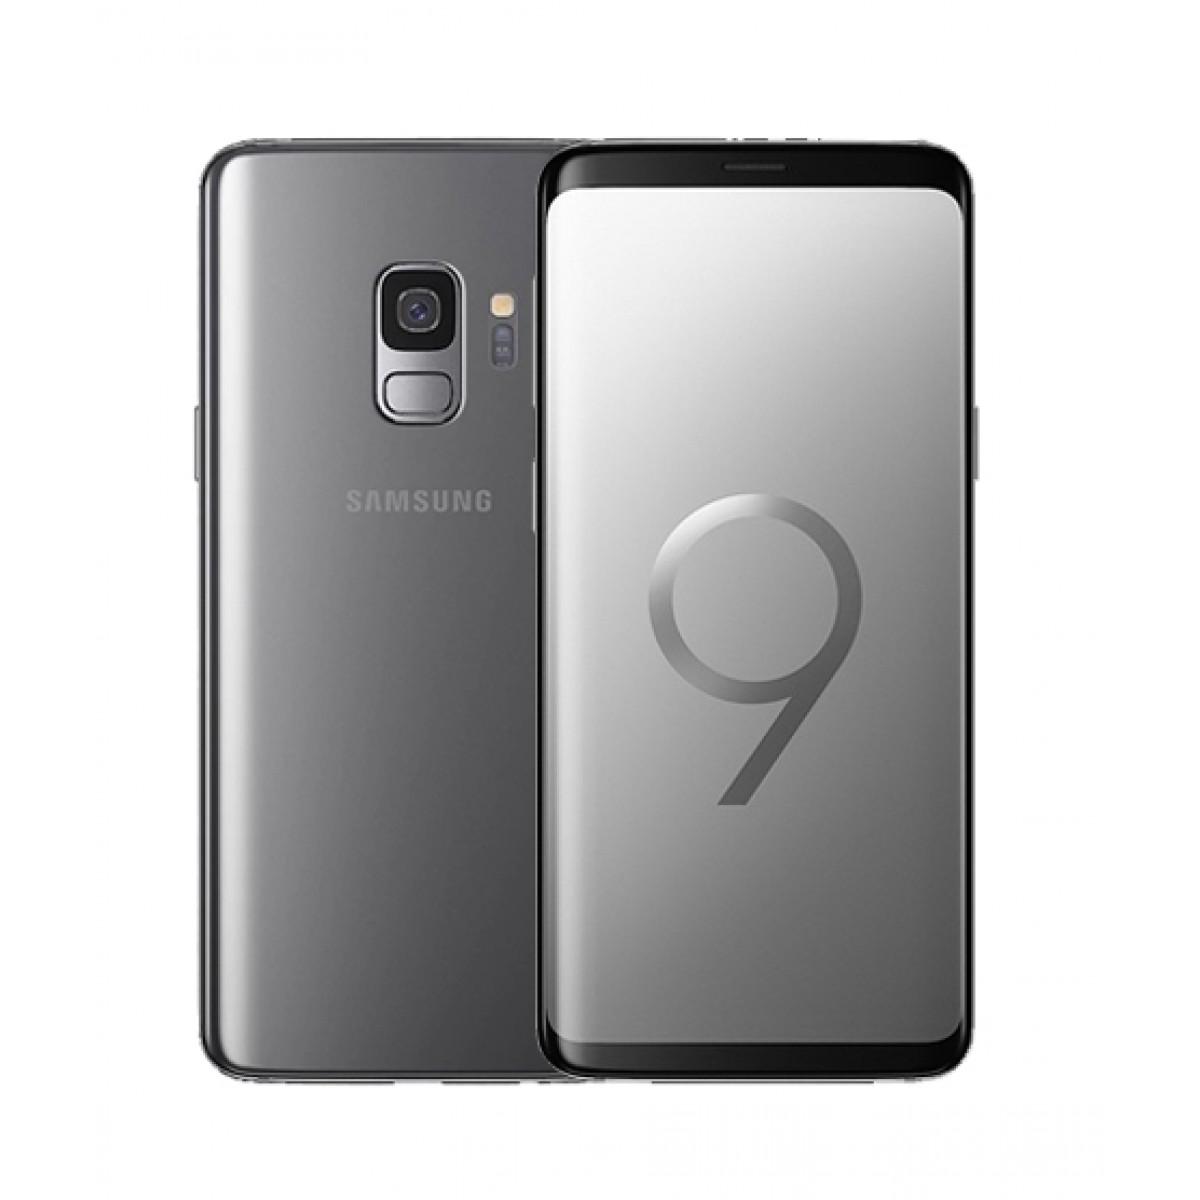 Samsung s9 titanium gray